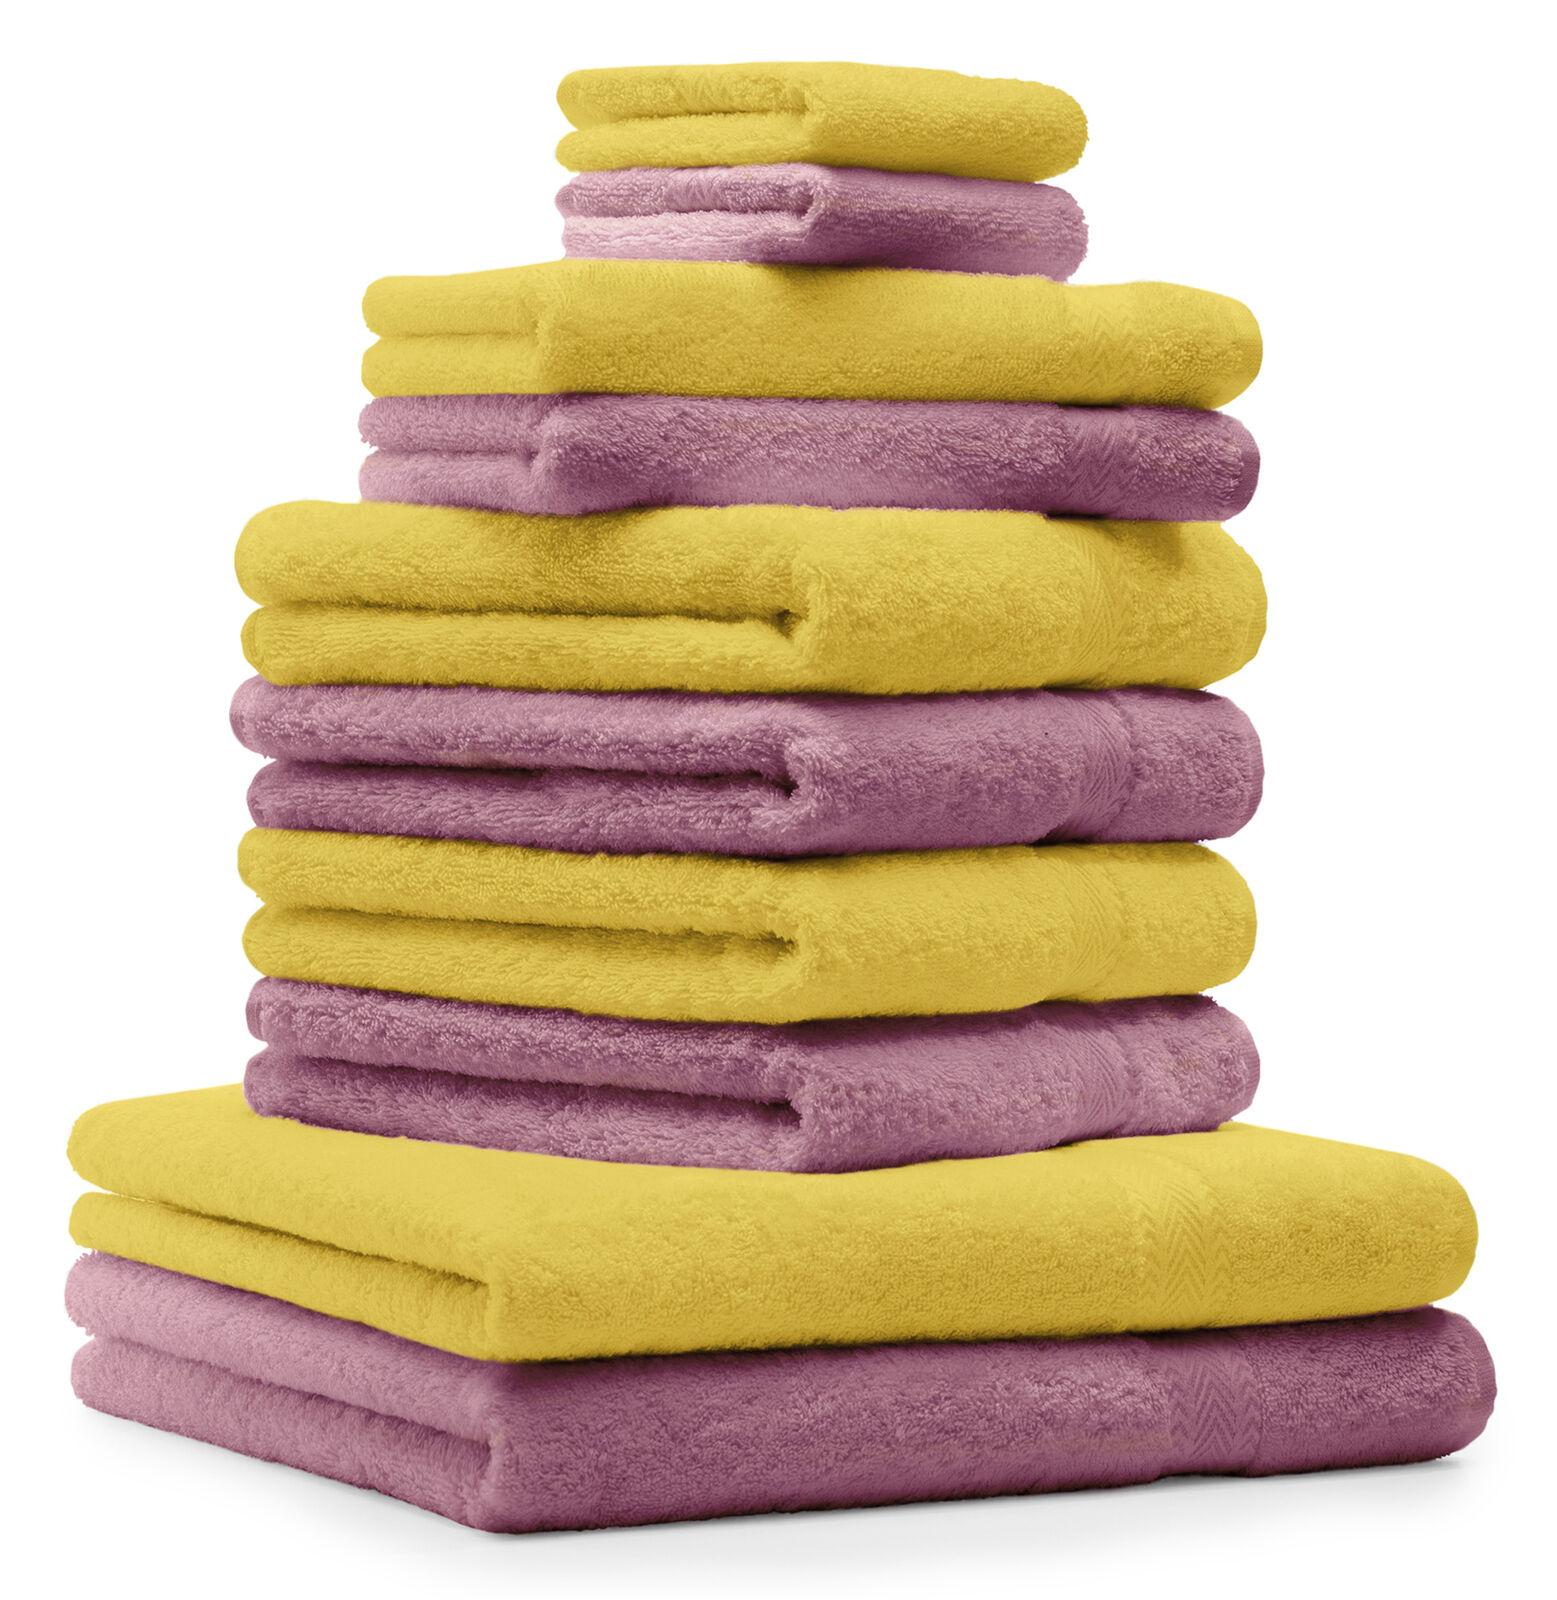 Betz 10-tlg. Handtuch Set Classic Farbe Gelb & AltRosa     | Gewinnen Sie hoch geschätzt